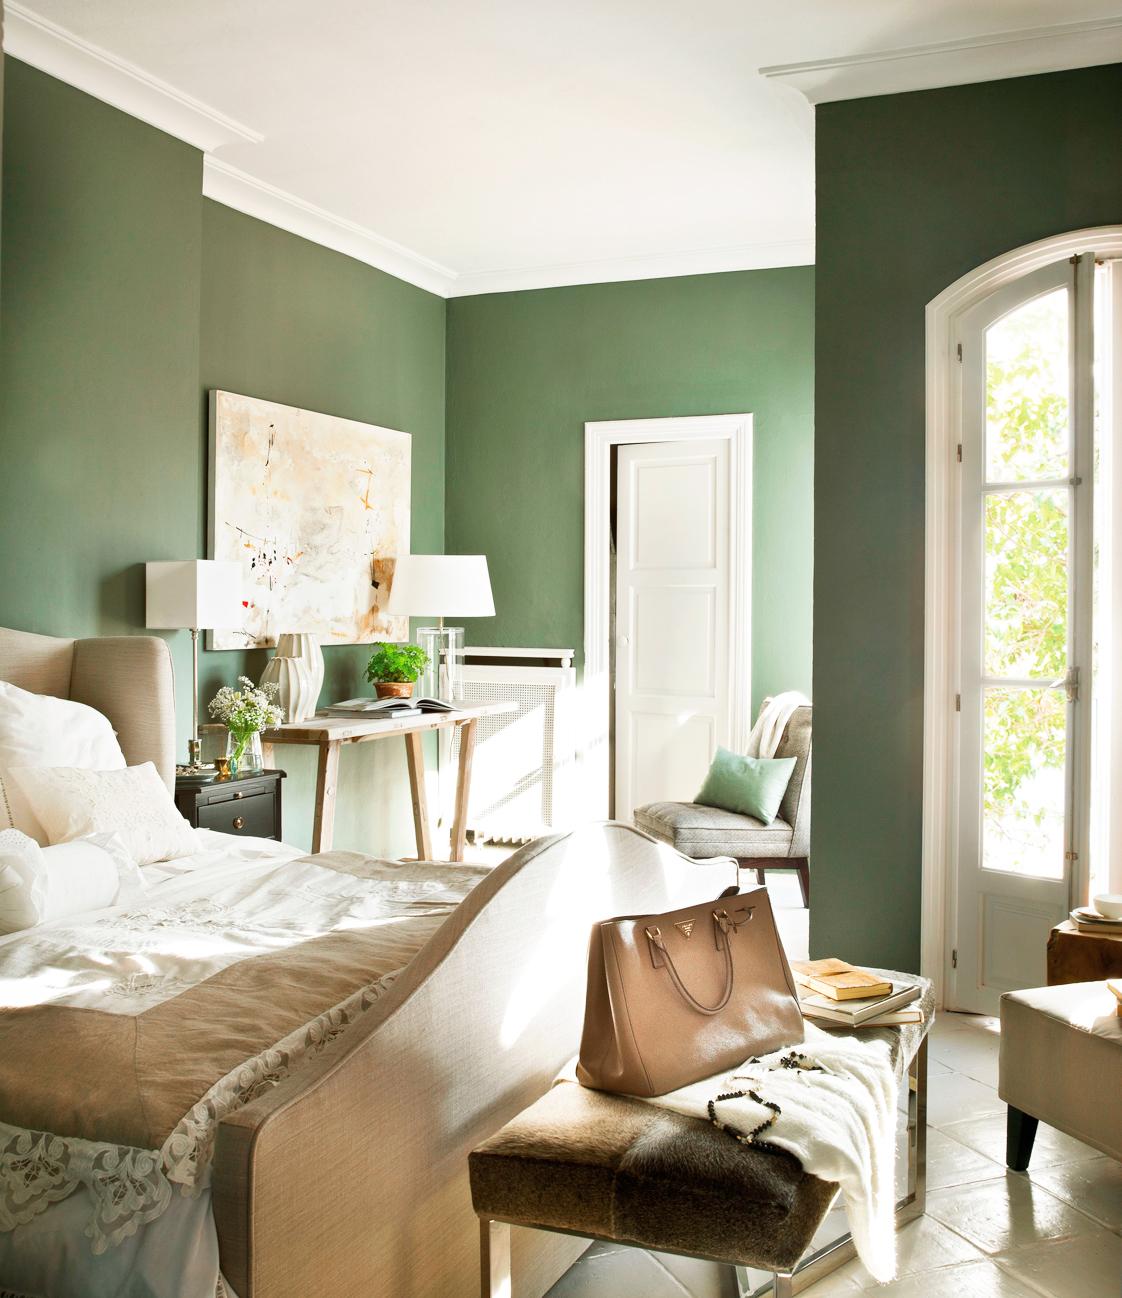 Casa tr s chic revista de fim de semana - Colores verdes para paredes ...